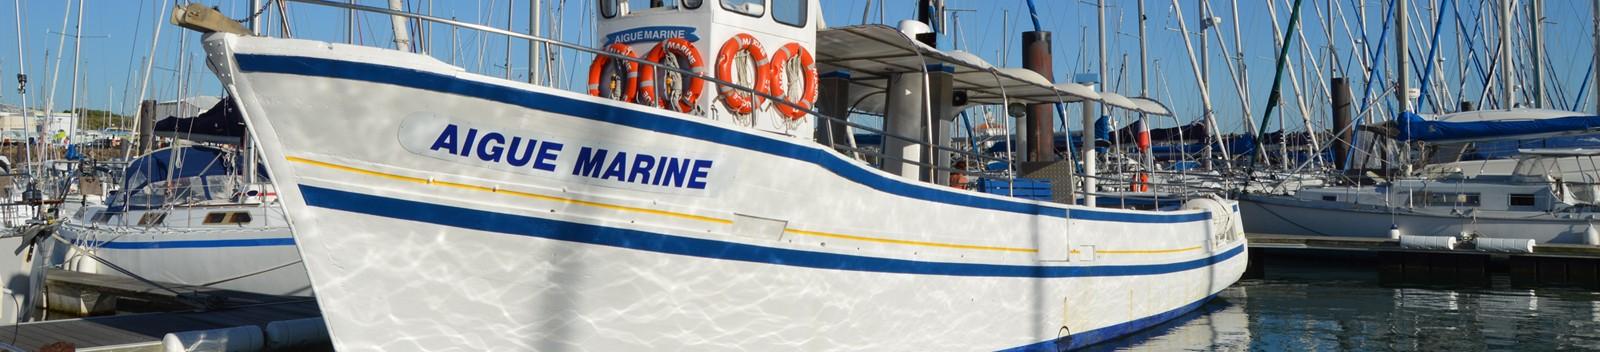 Aigue-marine-accueil2